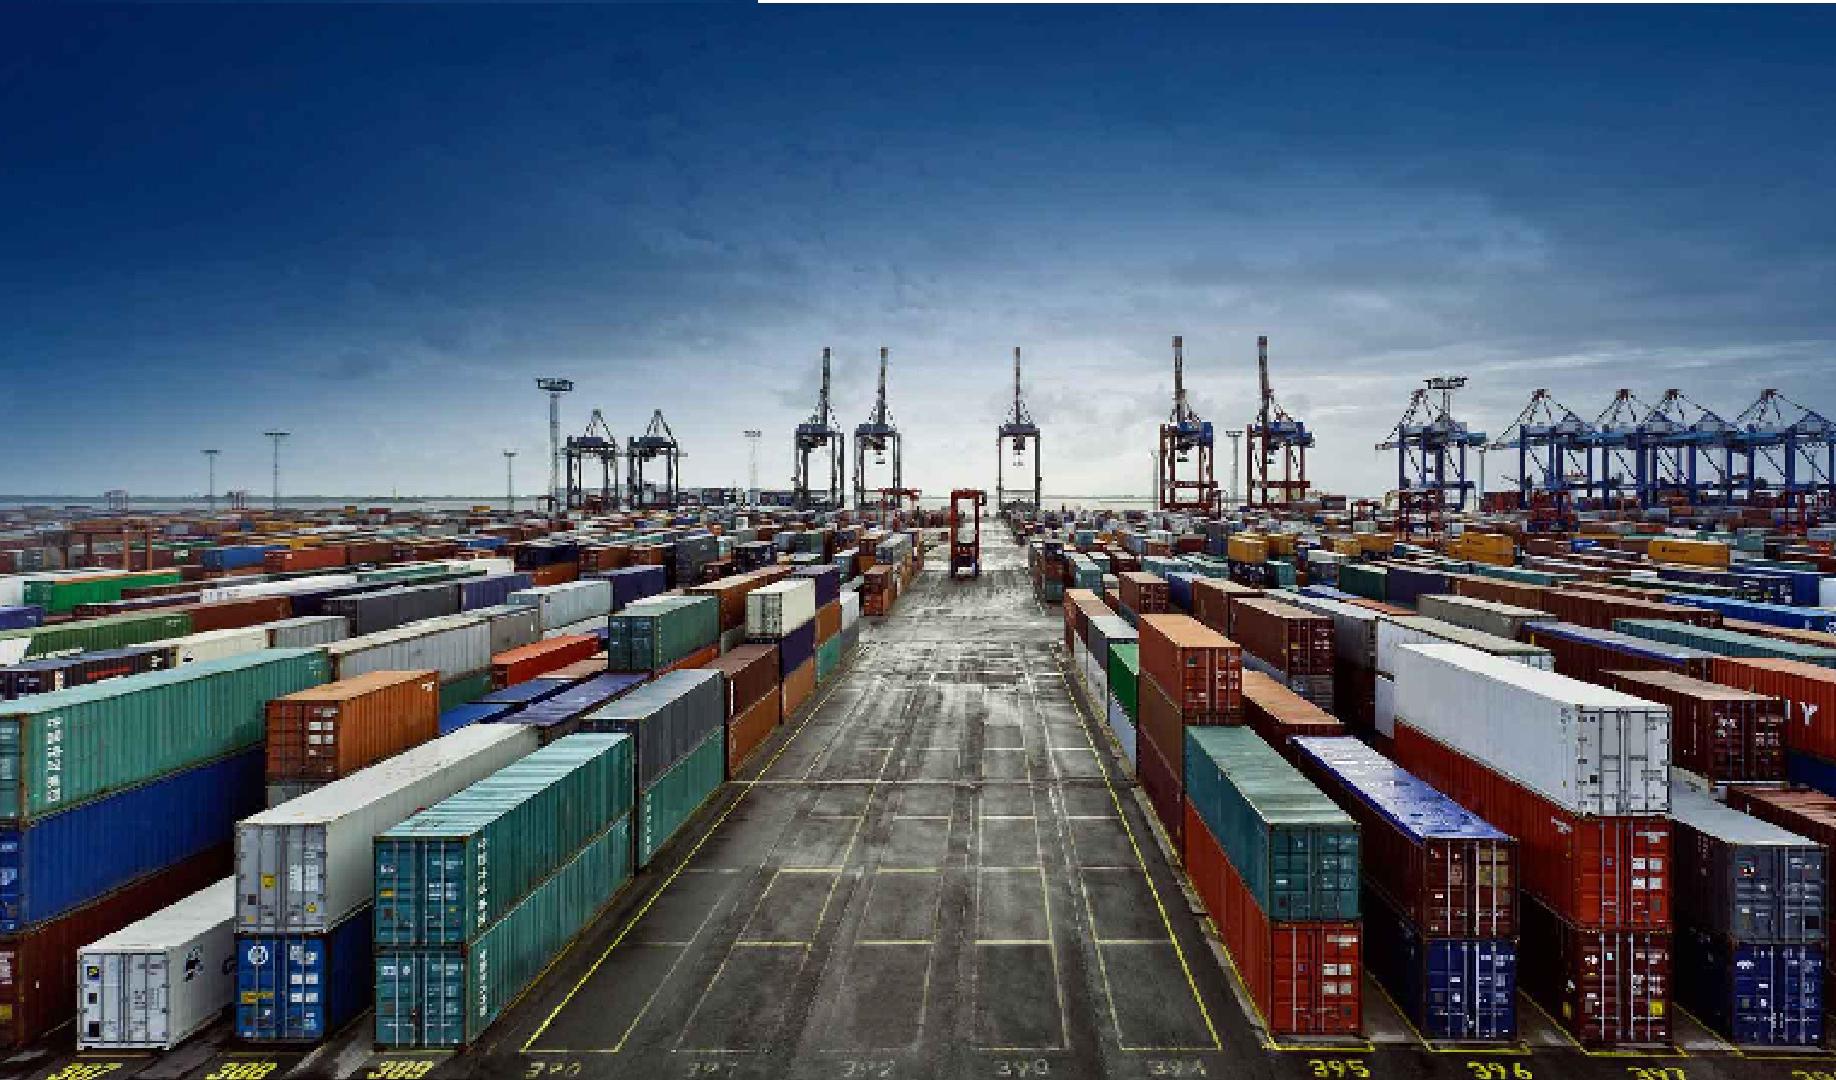 بیش از ۹۰ درصد واردات از کشورهای عضو اتحادیه اوراسیا براساس موافقتنامه ترجیحی